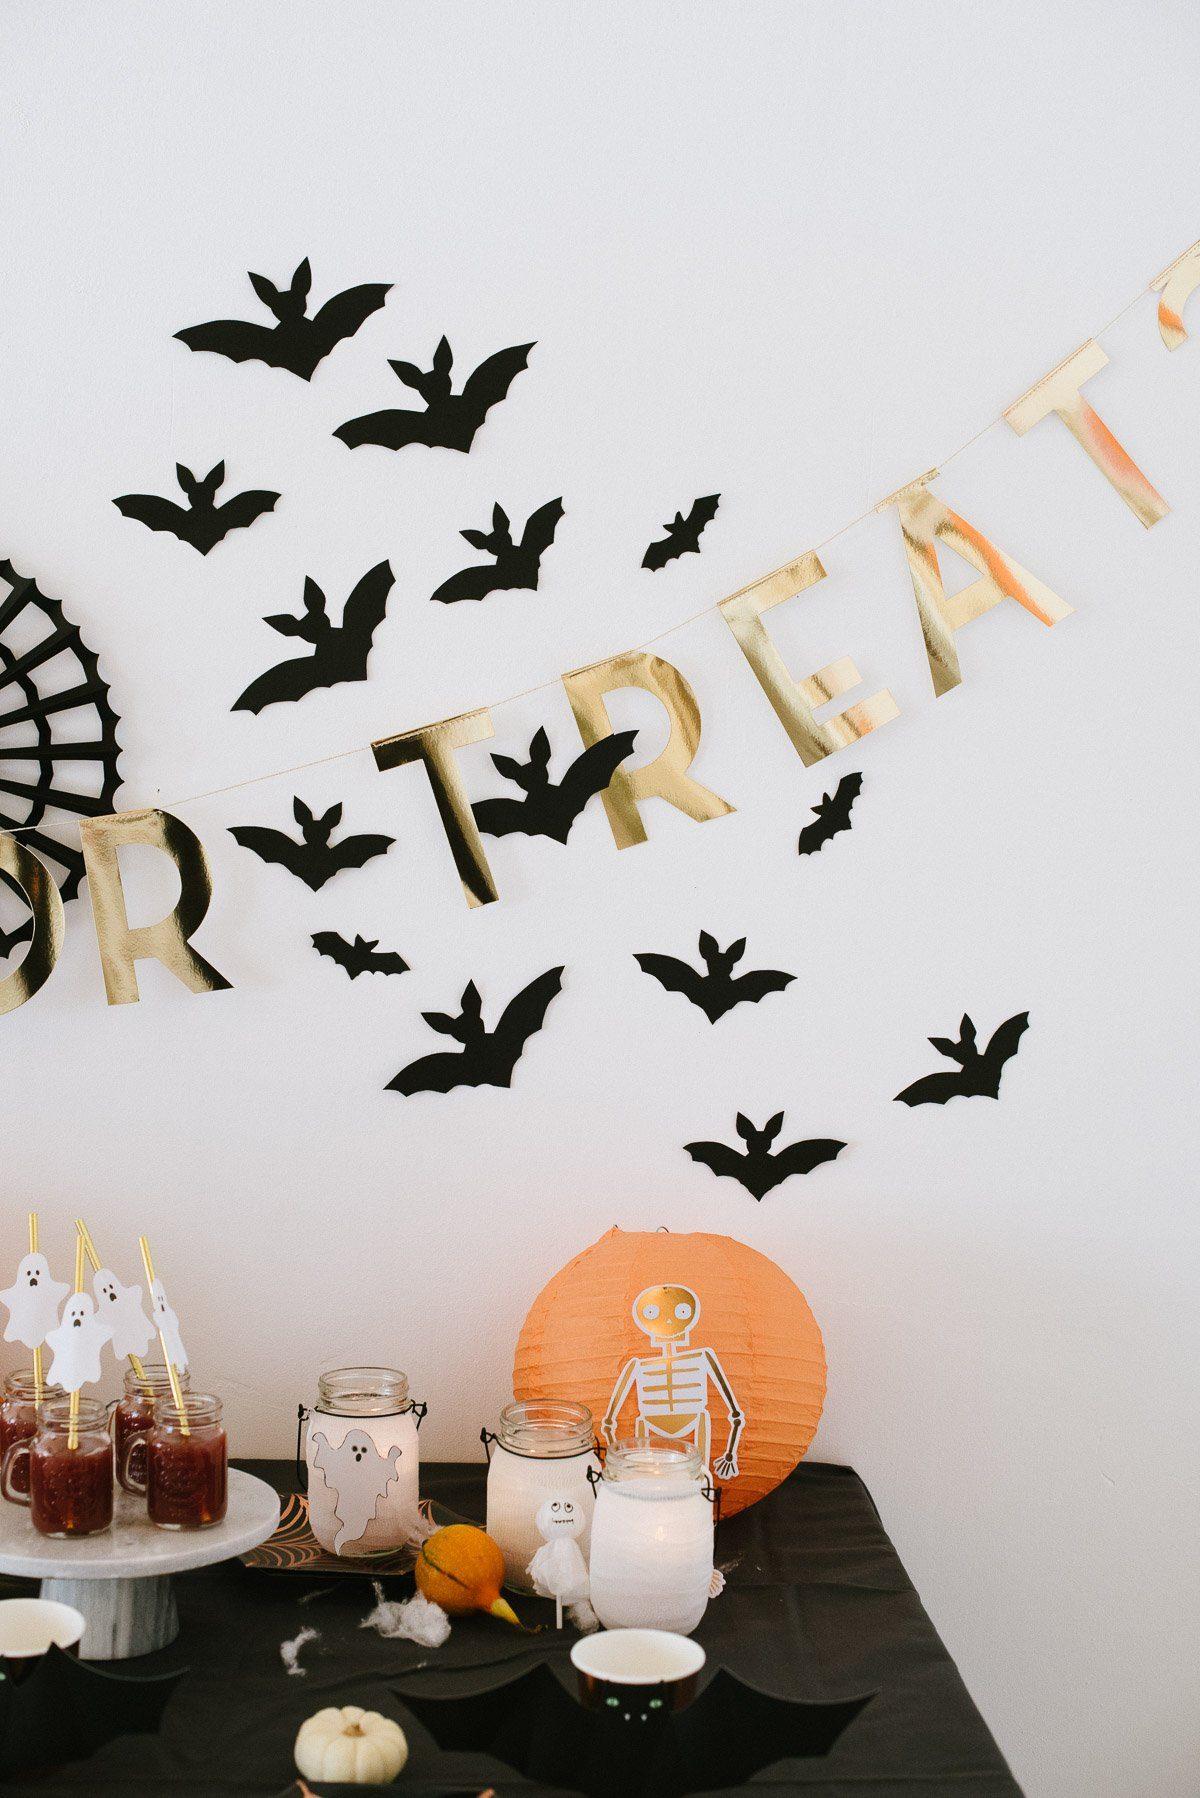 Wanddekoration mit Fledermäusen